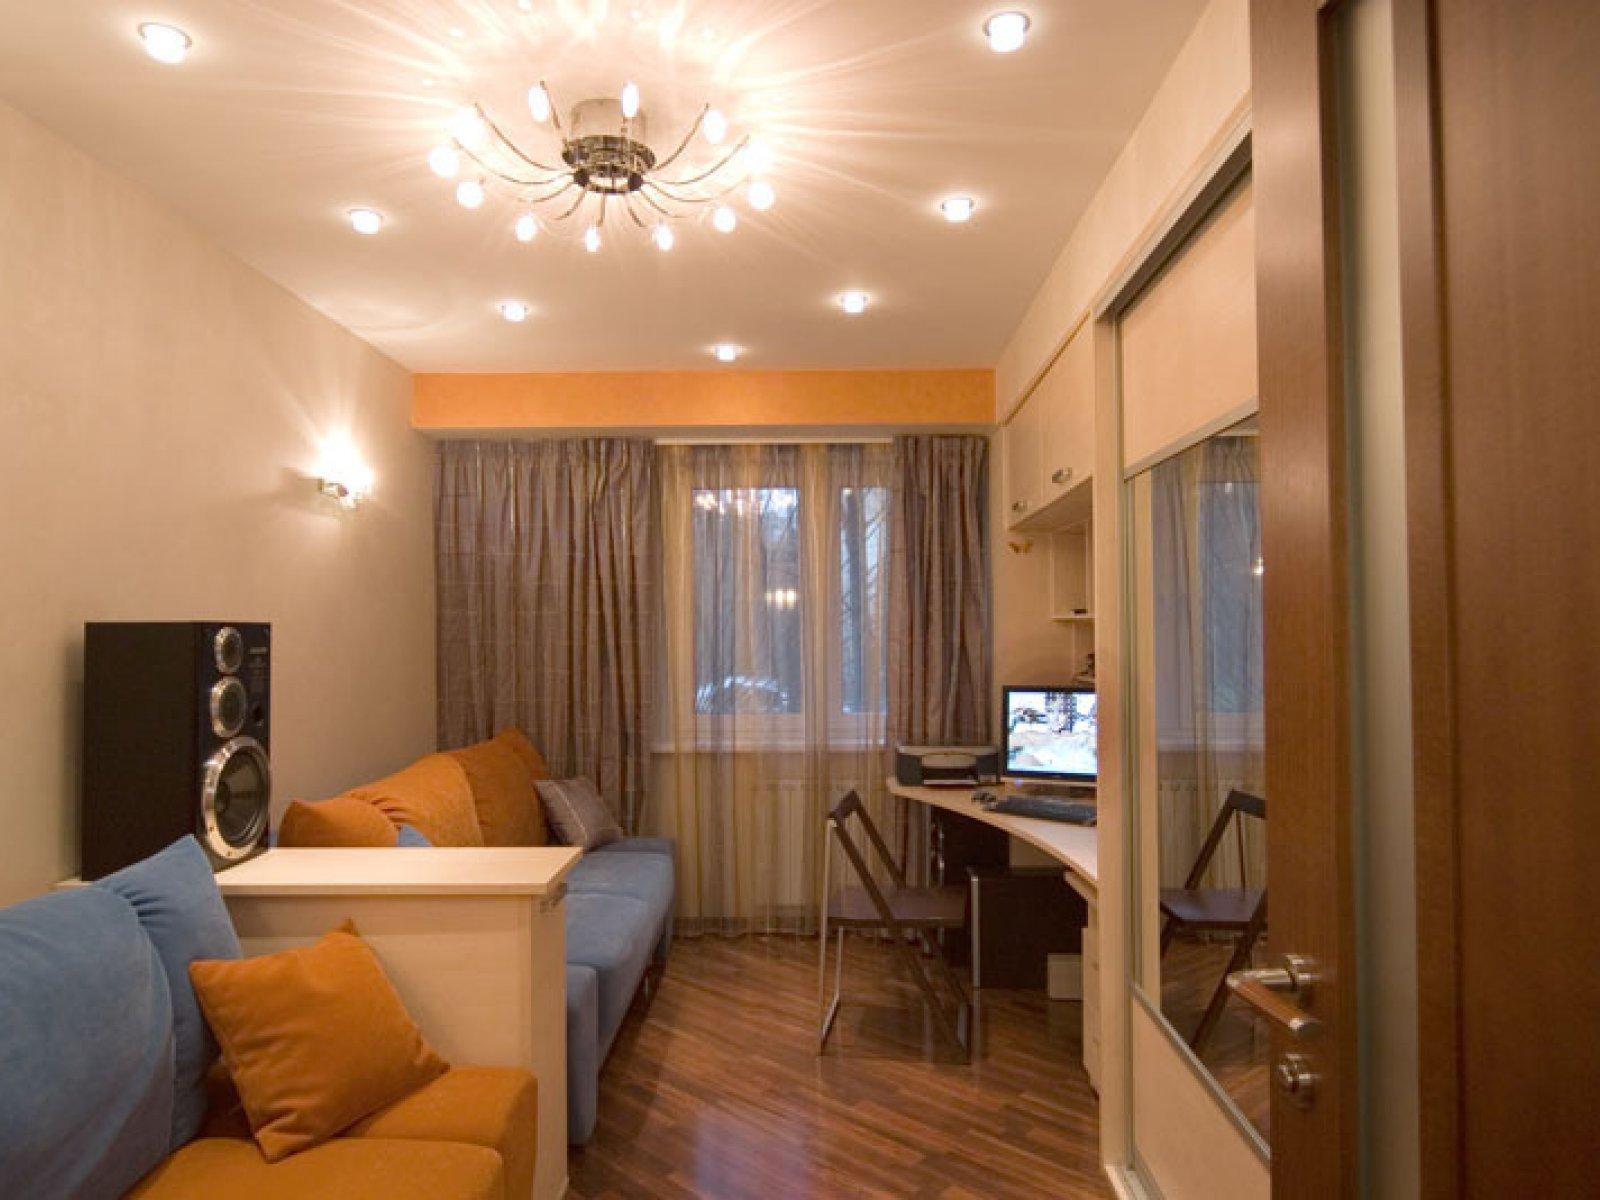 Ремонт дизайн квартир недорогих